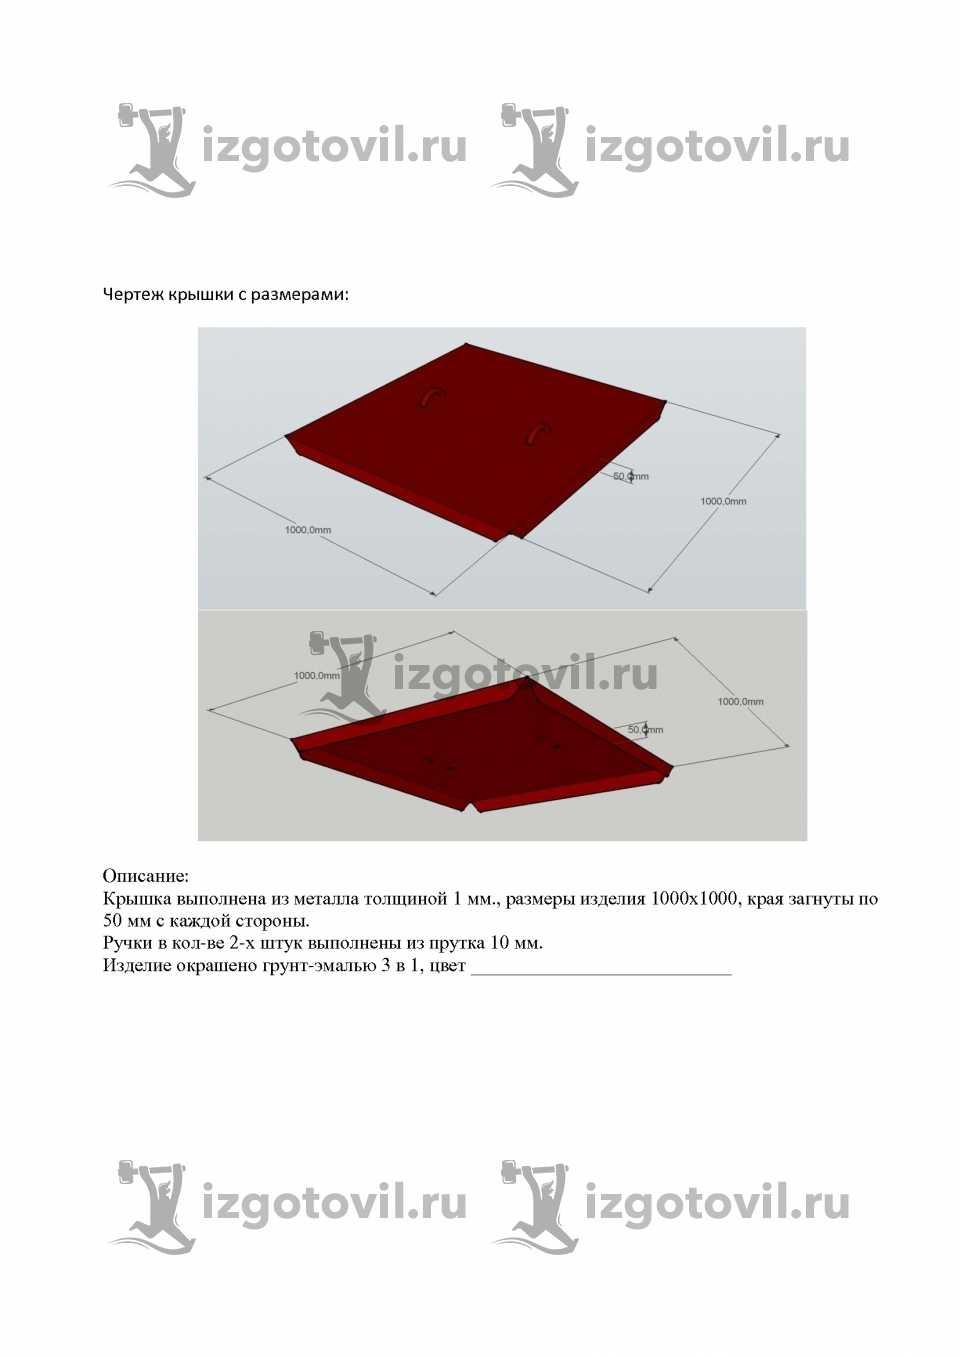 Лазерная резка - изготовление крышек